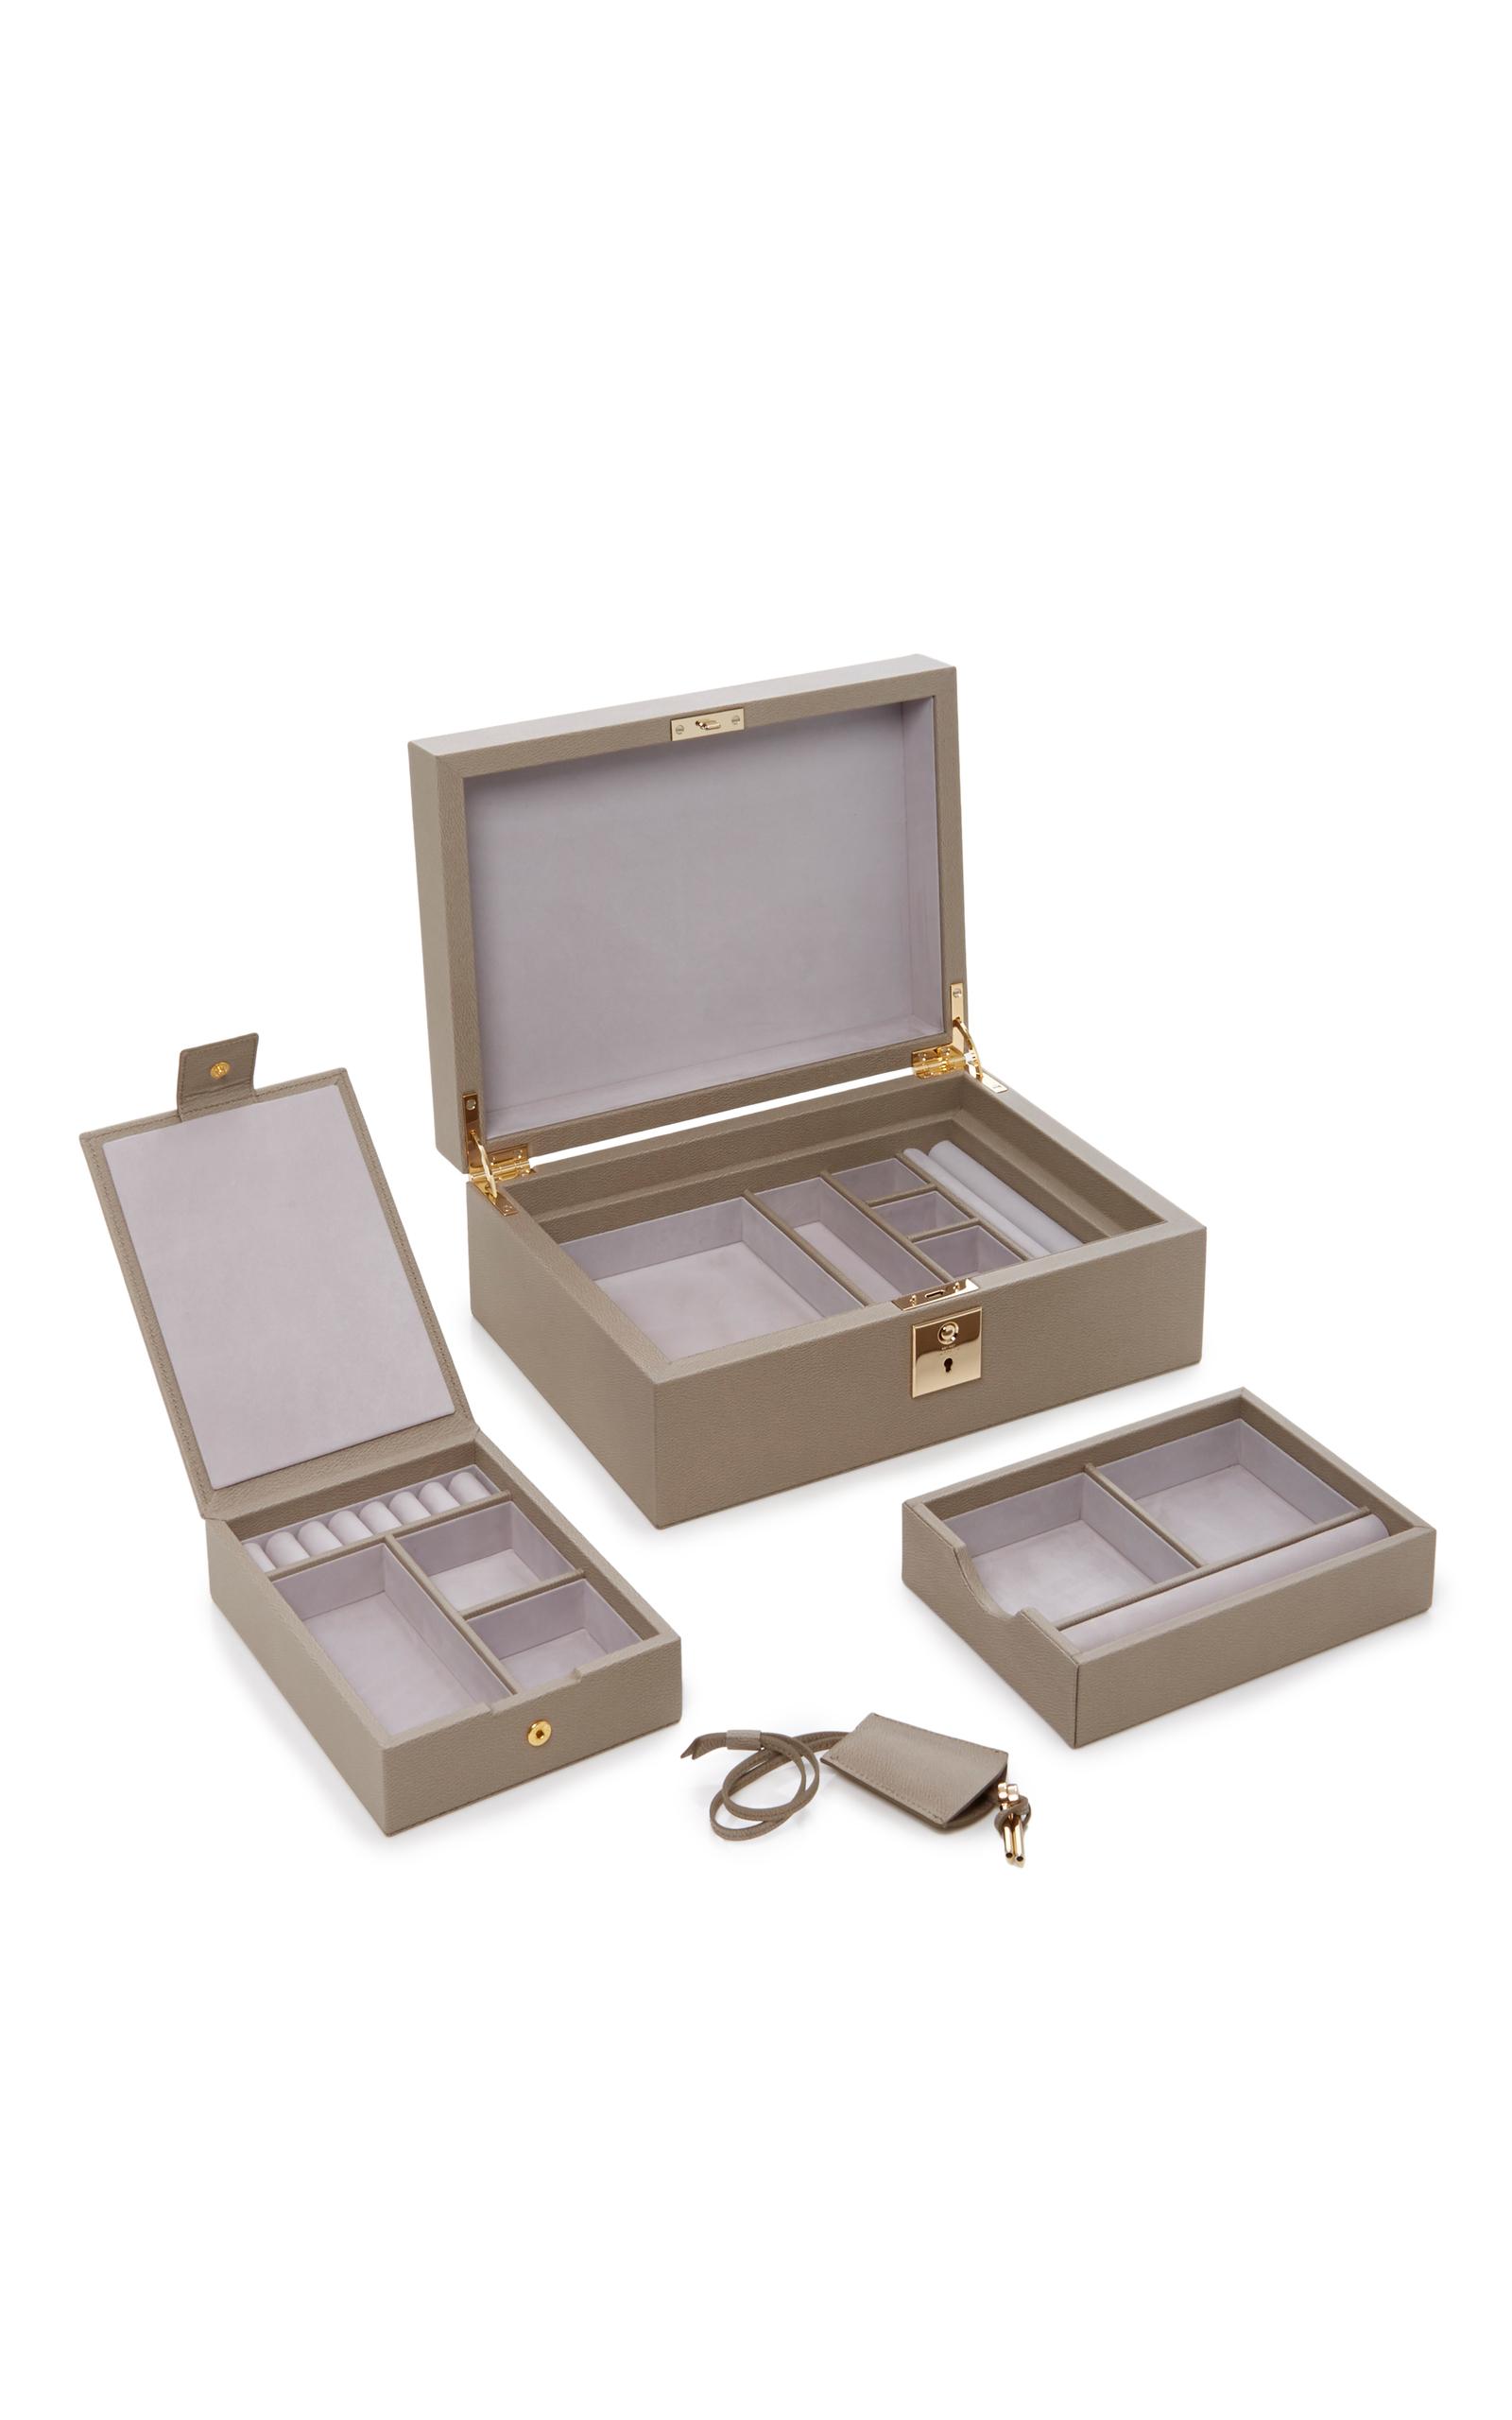 841b2e6364e8 SmythsonGrosvenor Jewelry Box. CLOSE. Loading